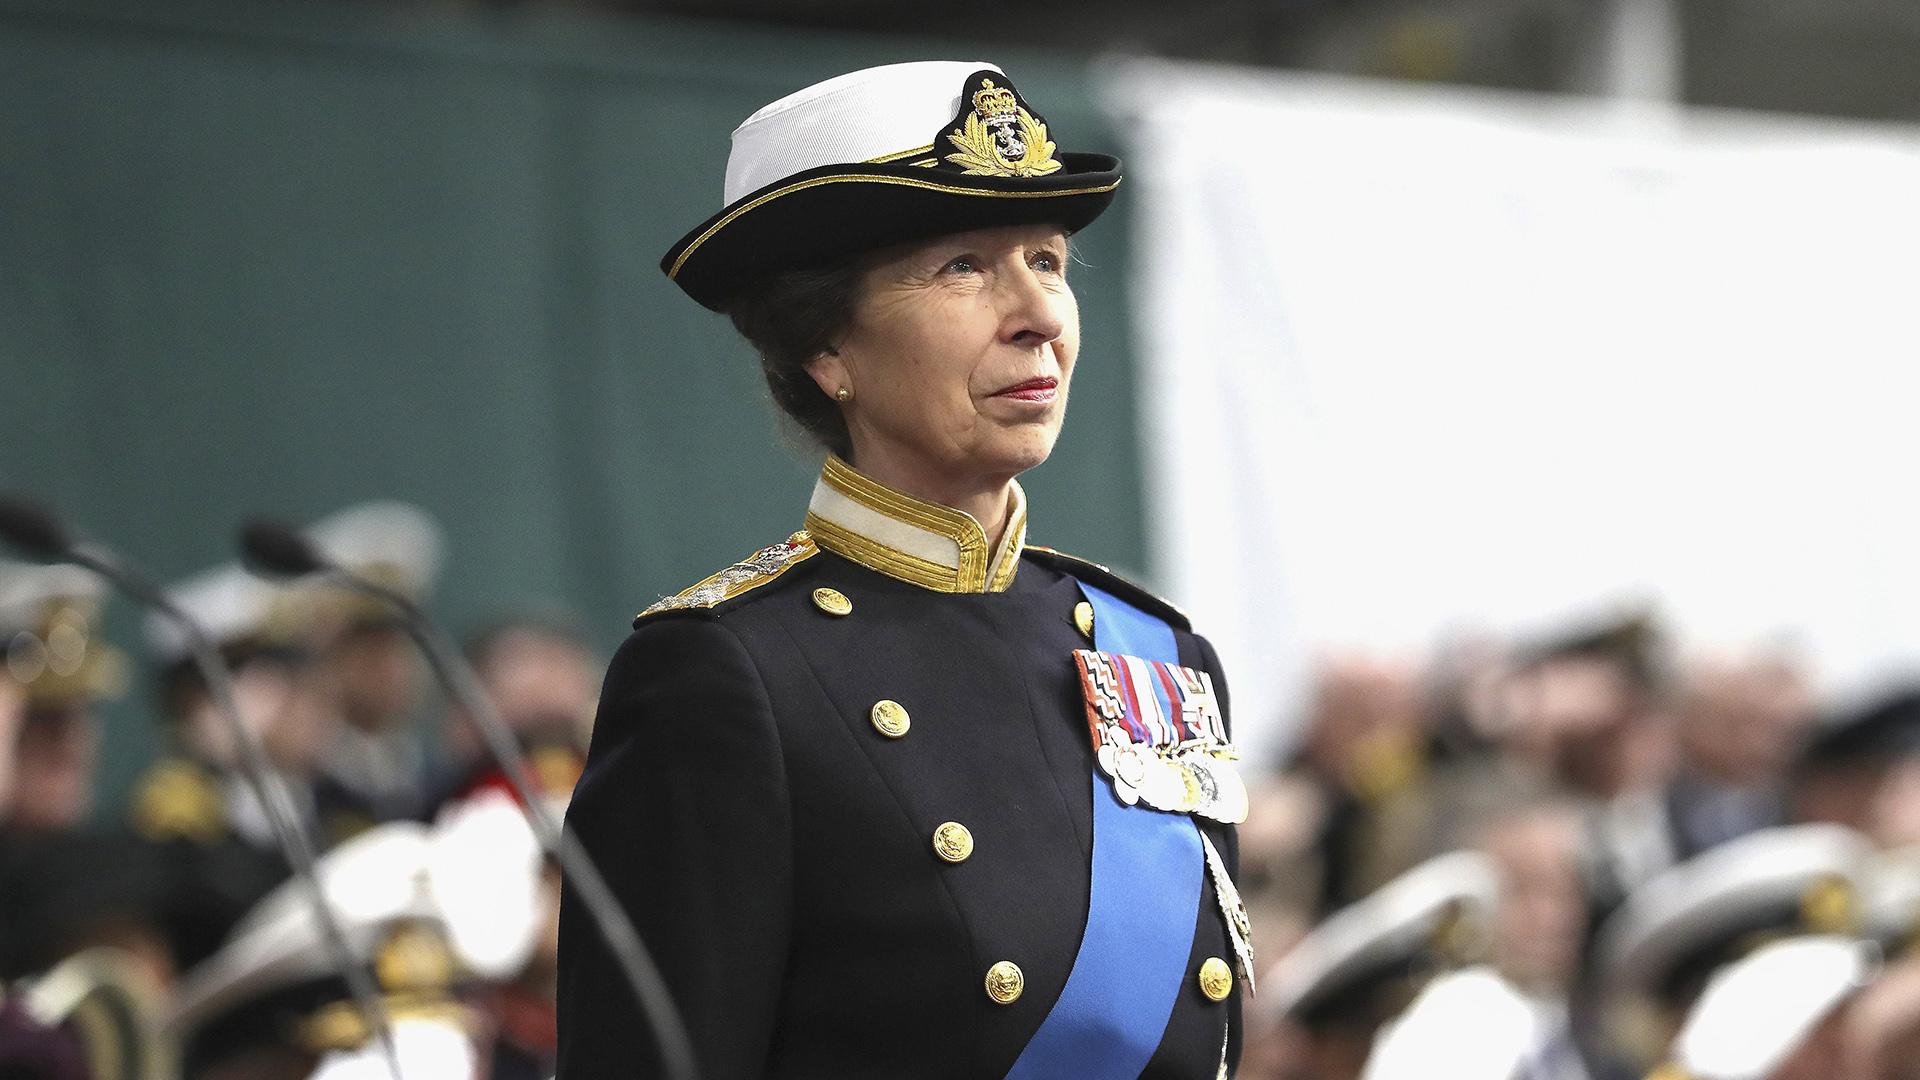 La Hija De La Reina Isabel Revelo Porque No Estrecha La Mano De Quienes La Saludan Infobae